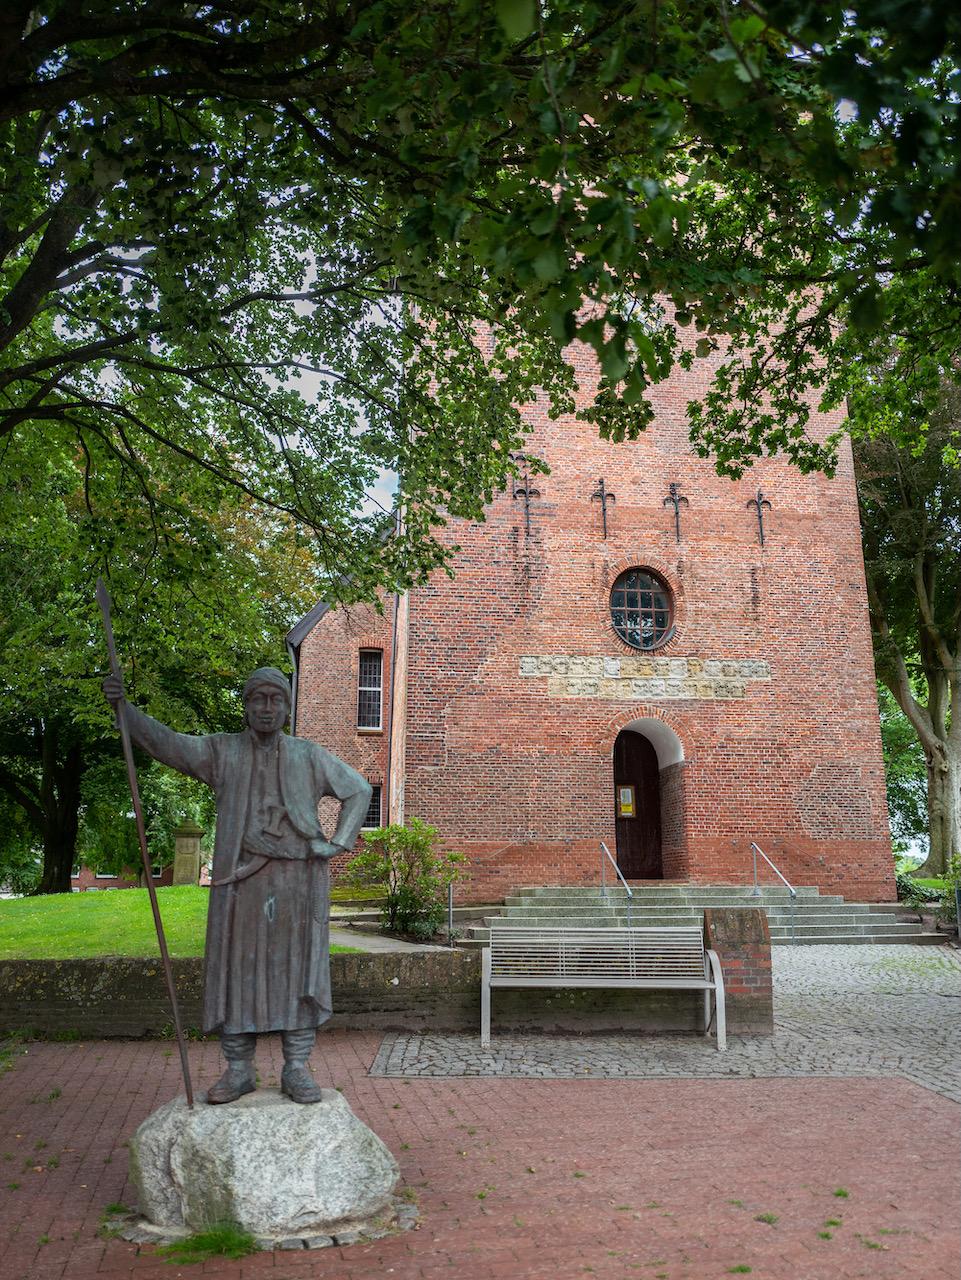 Denkmal für den 1733 in Lüdingworth geborenen Geographen und Forschungsreisenden Carsten Niebuhr